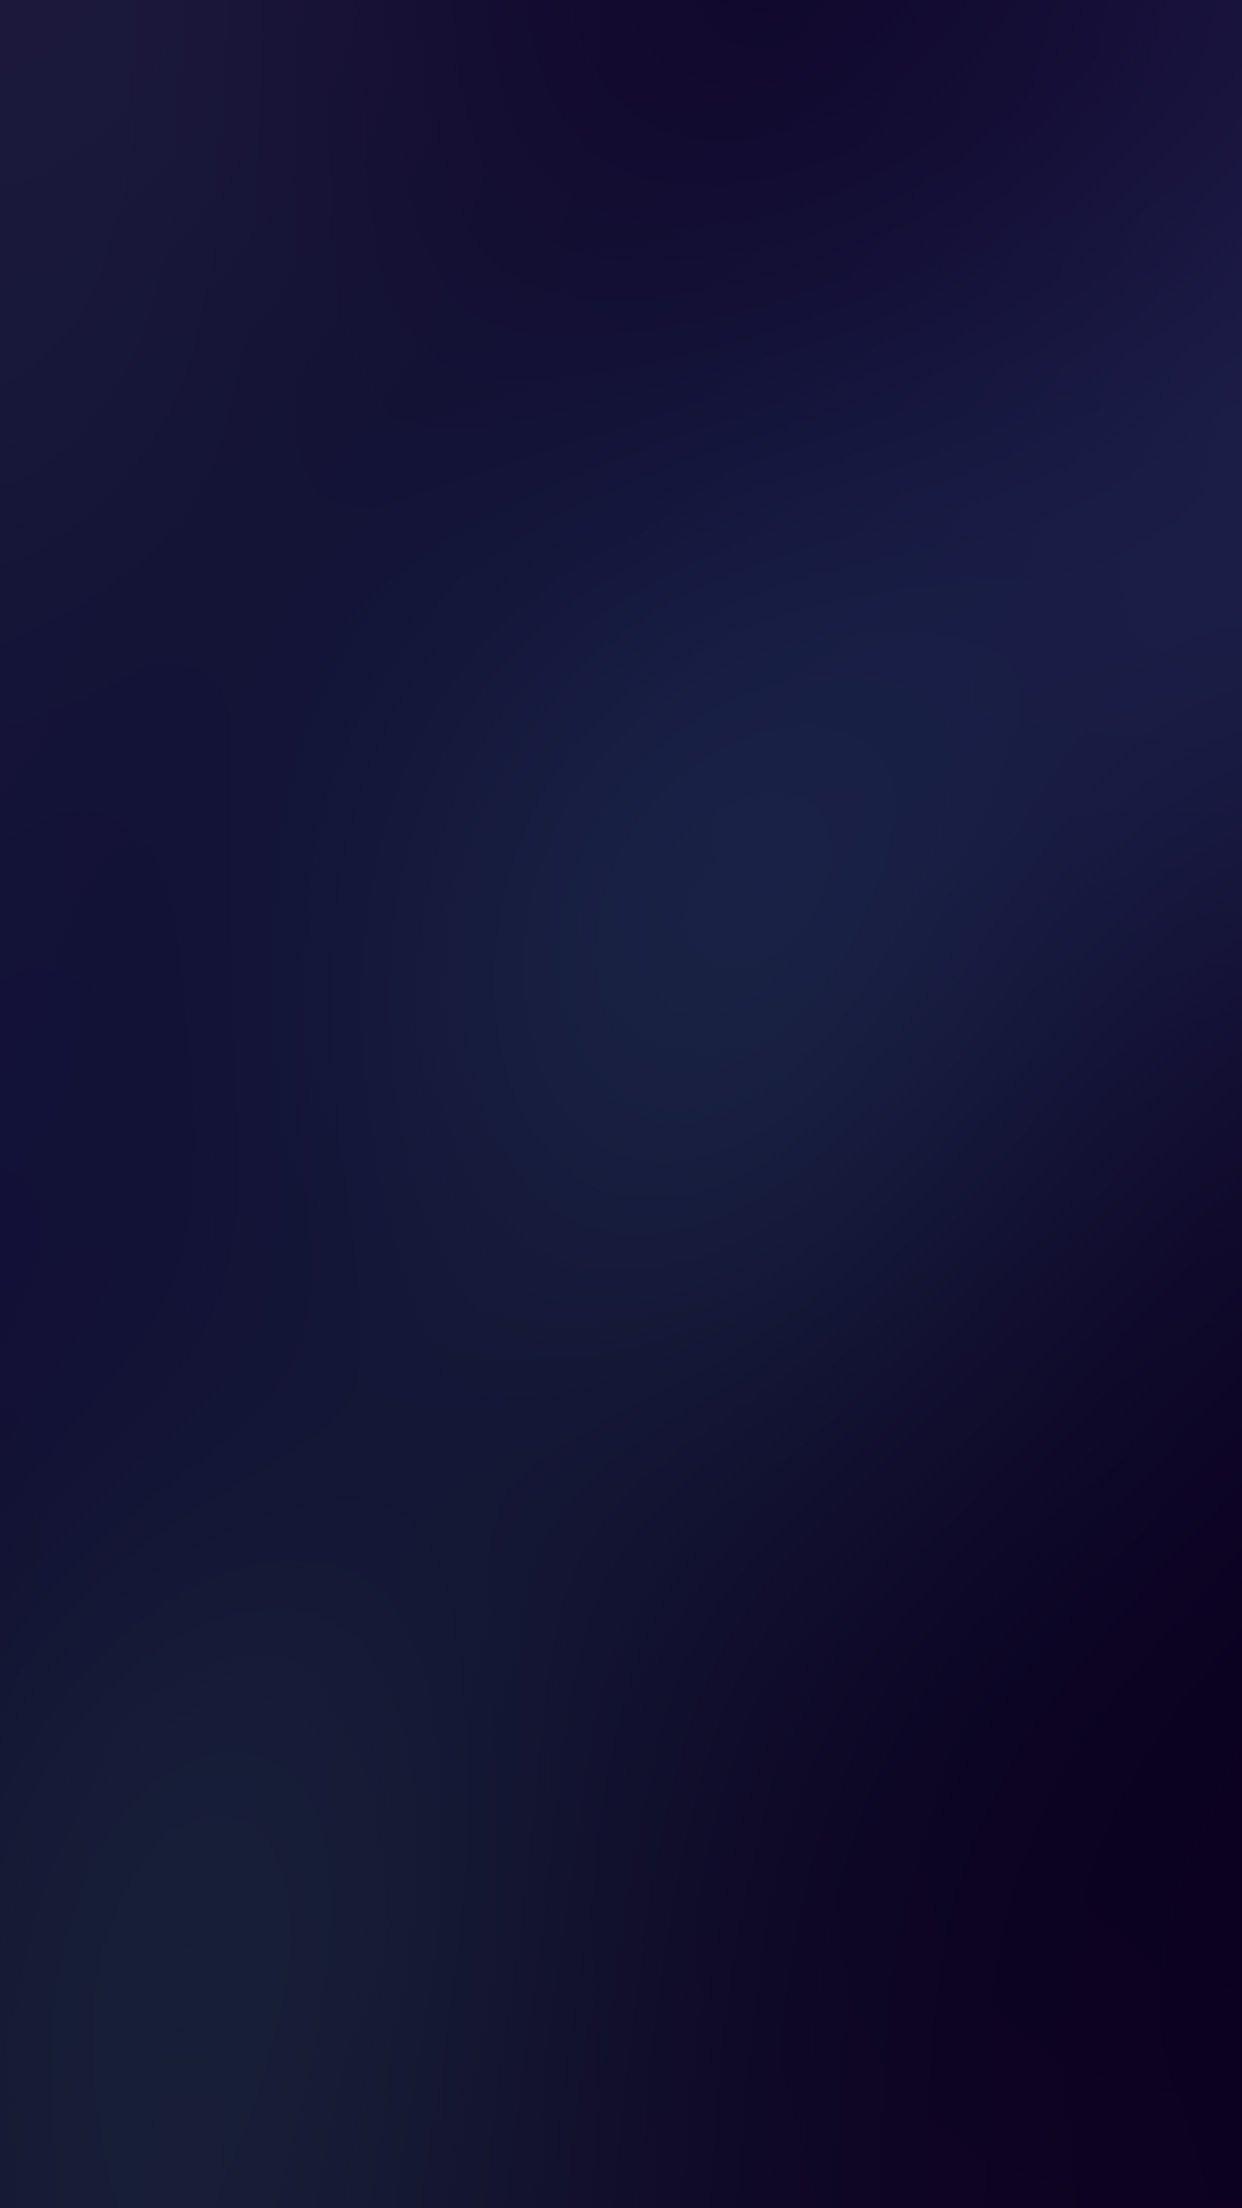 Plain Blue Wallpapers Top Free Plain Blue Backgrounds